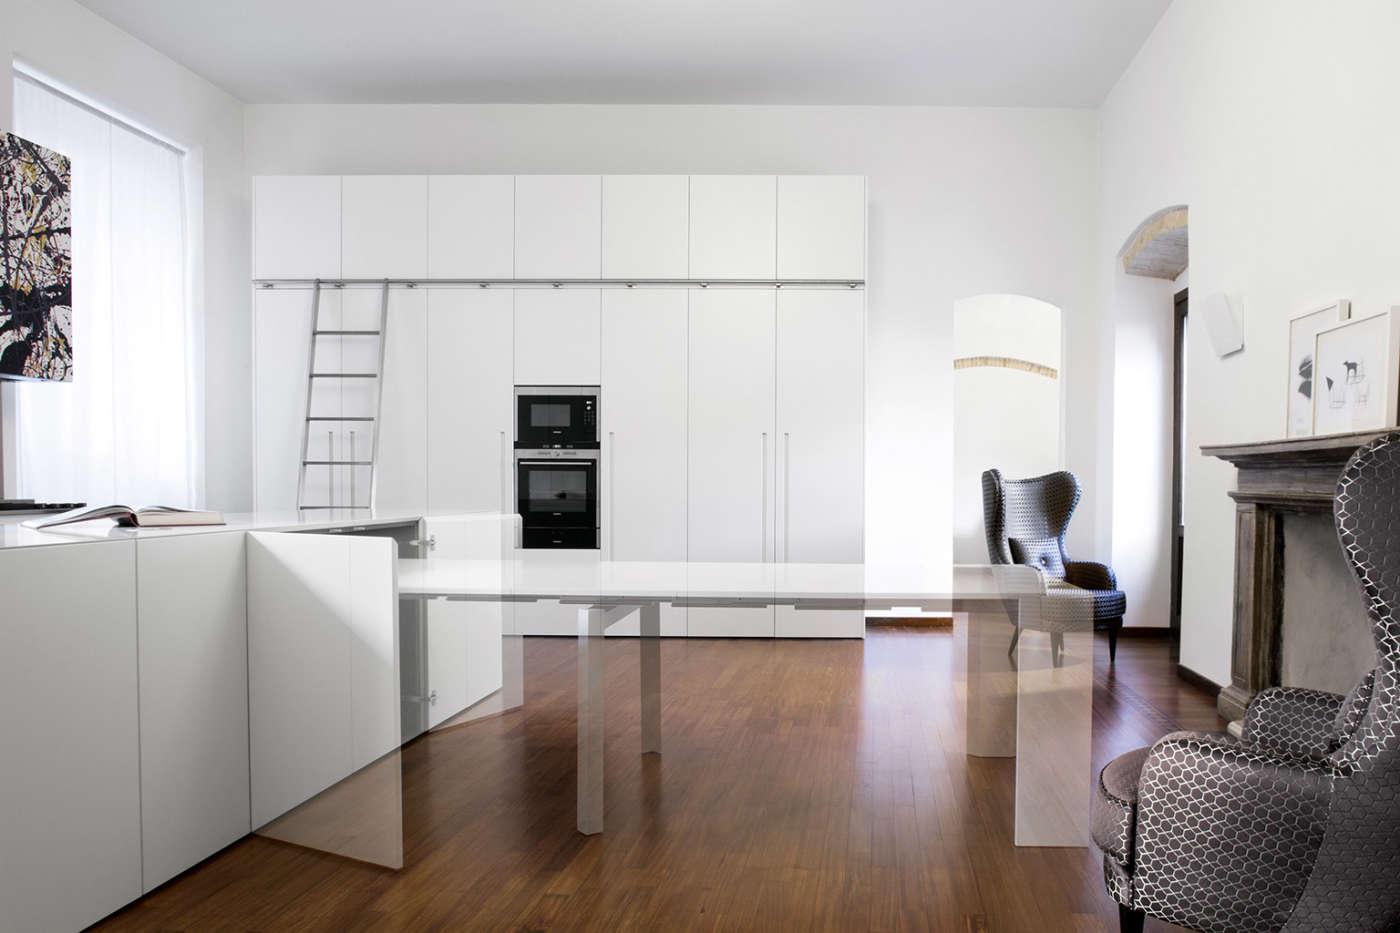 Cucine Trasformiste Ambiente Cucina